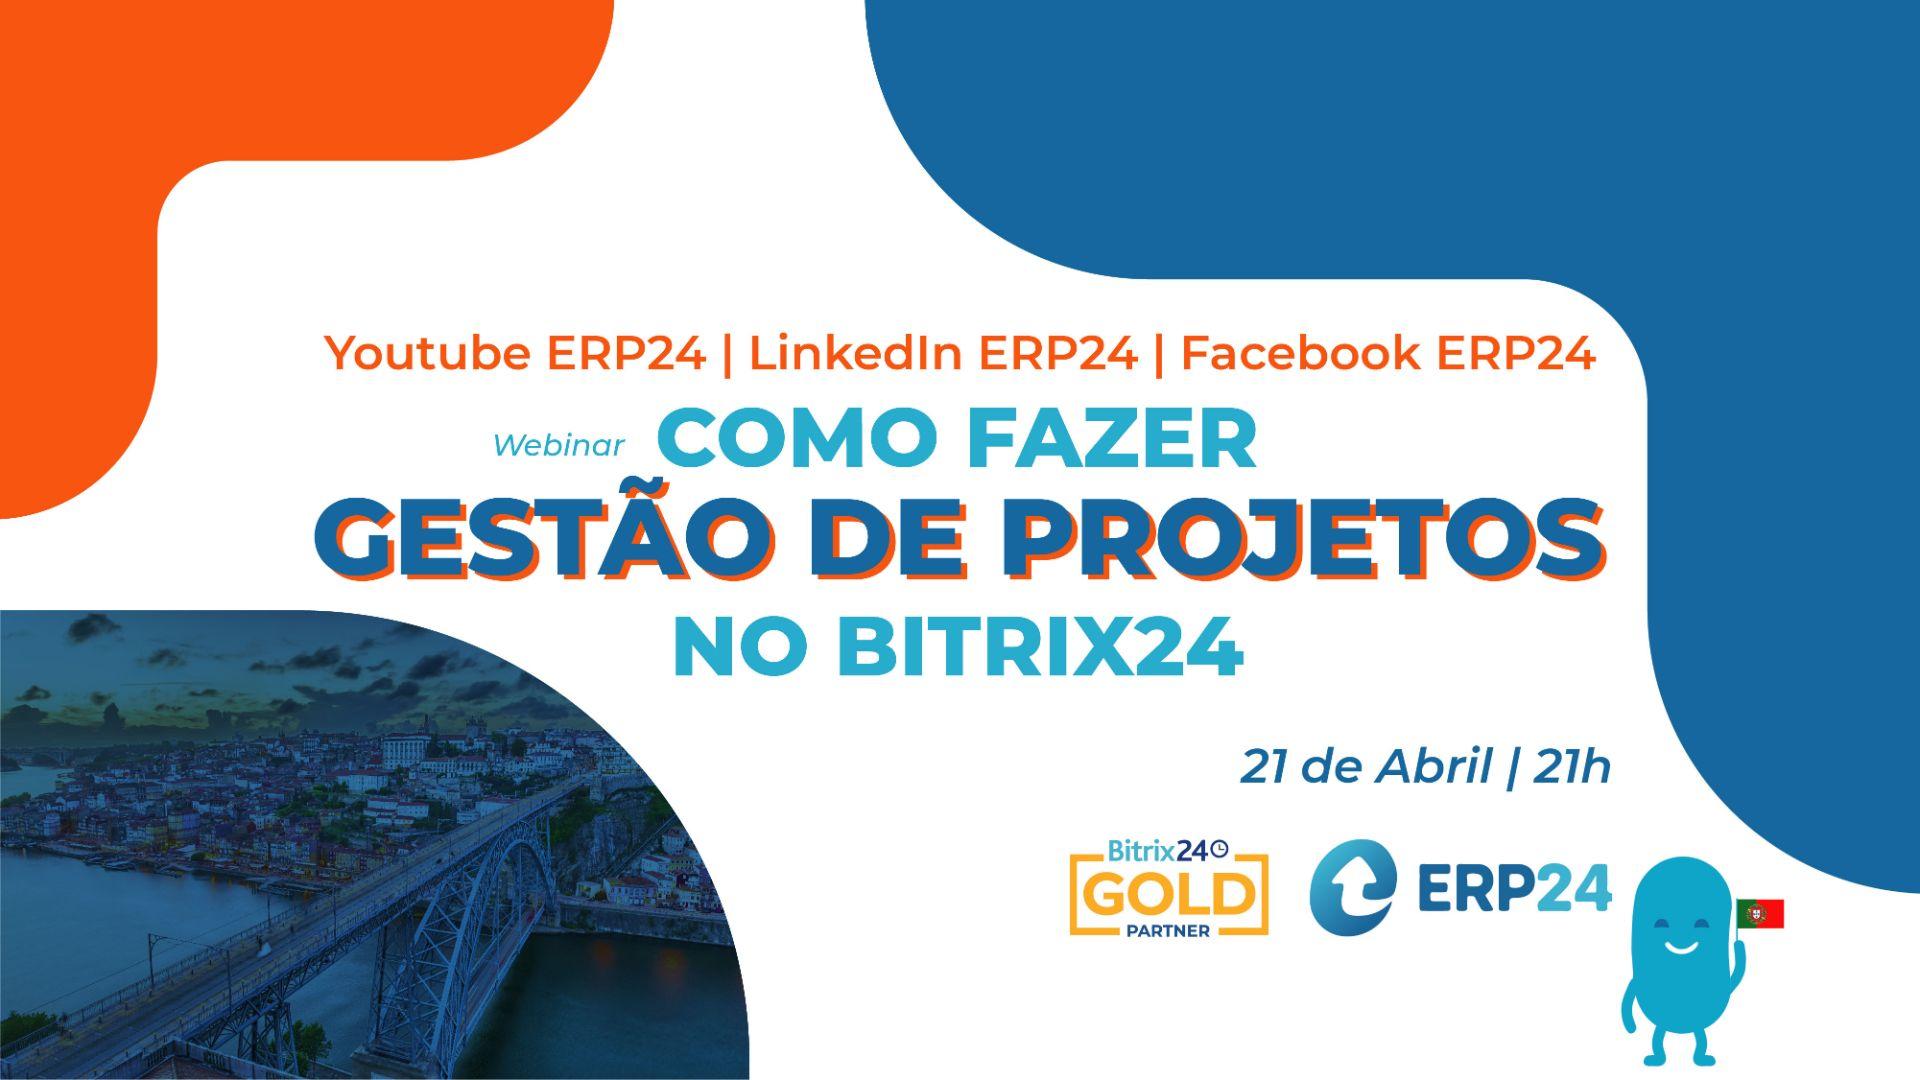 Como fazer Gestão de Projetos no Bitrix24